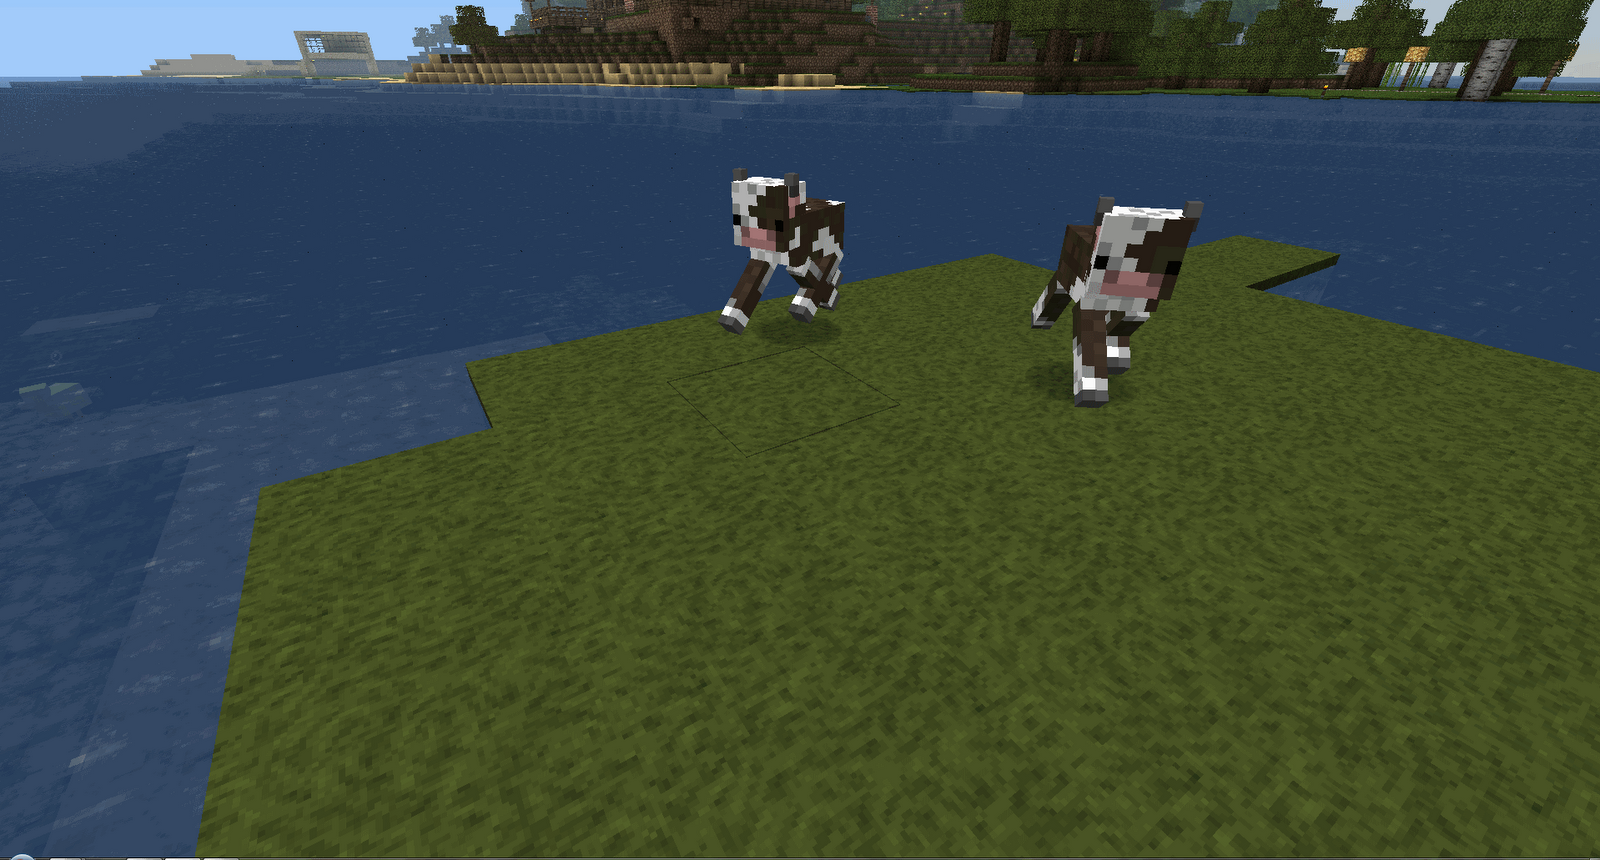 Drawn cattle minecraft cow #15